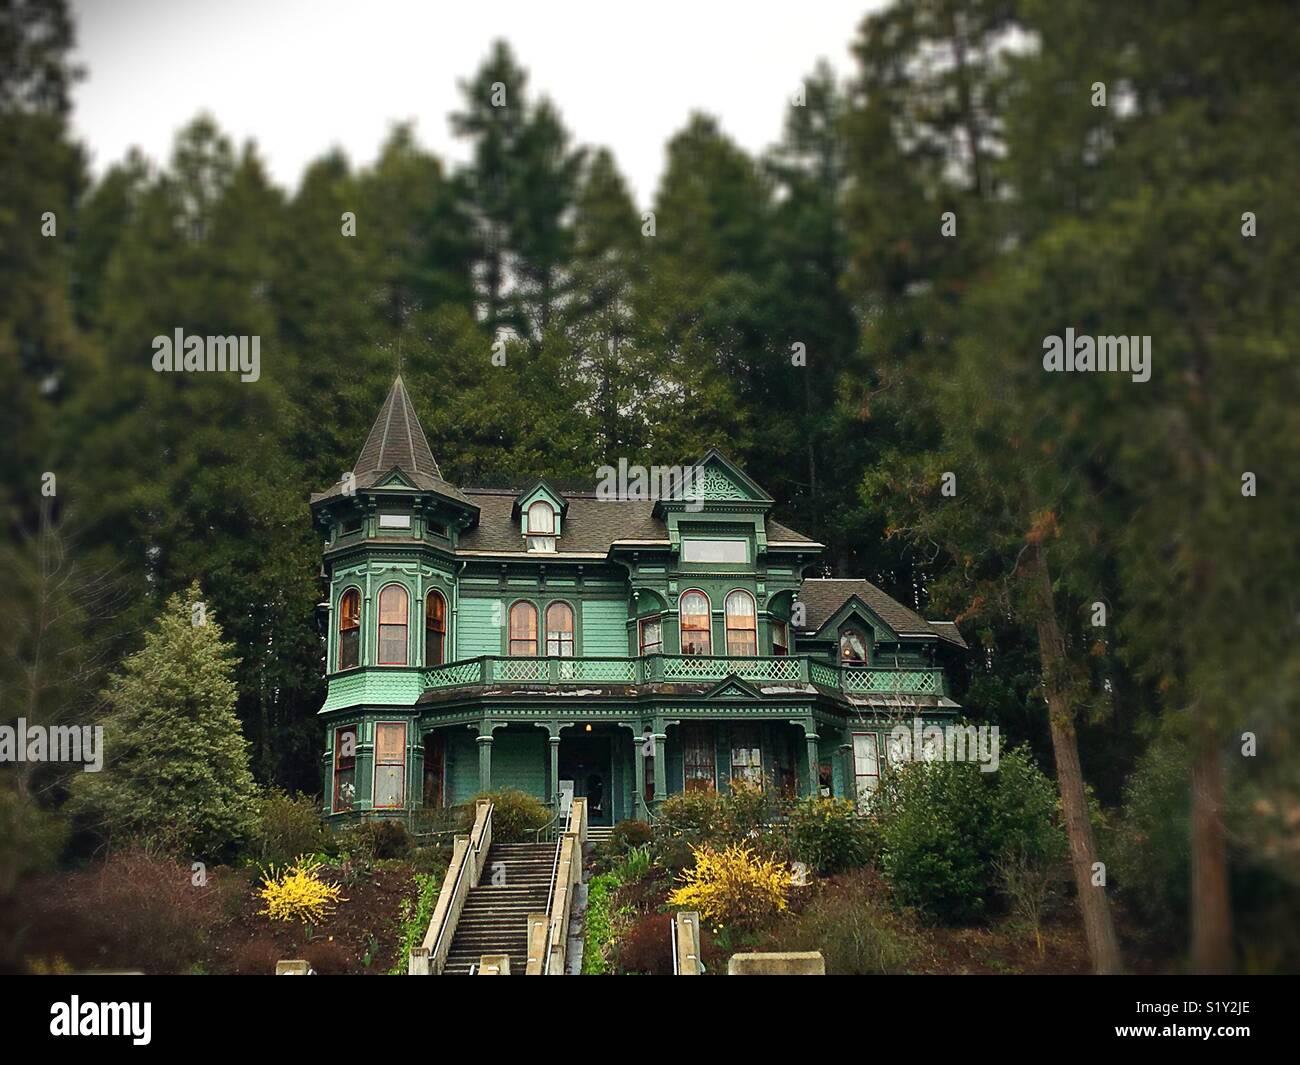 Shelton McMurphy Johnson Casa en Eugene, Oregon, USA. Imagen De Stock